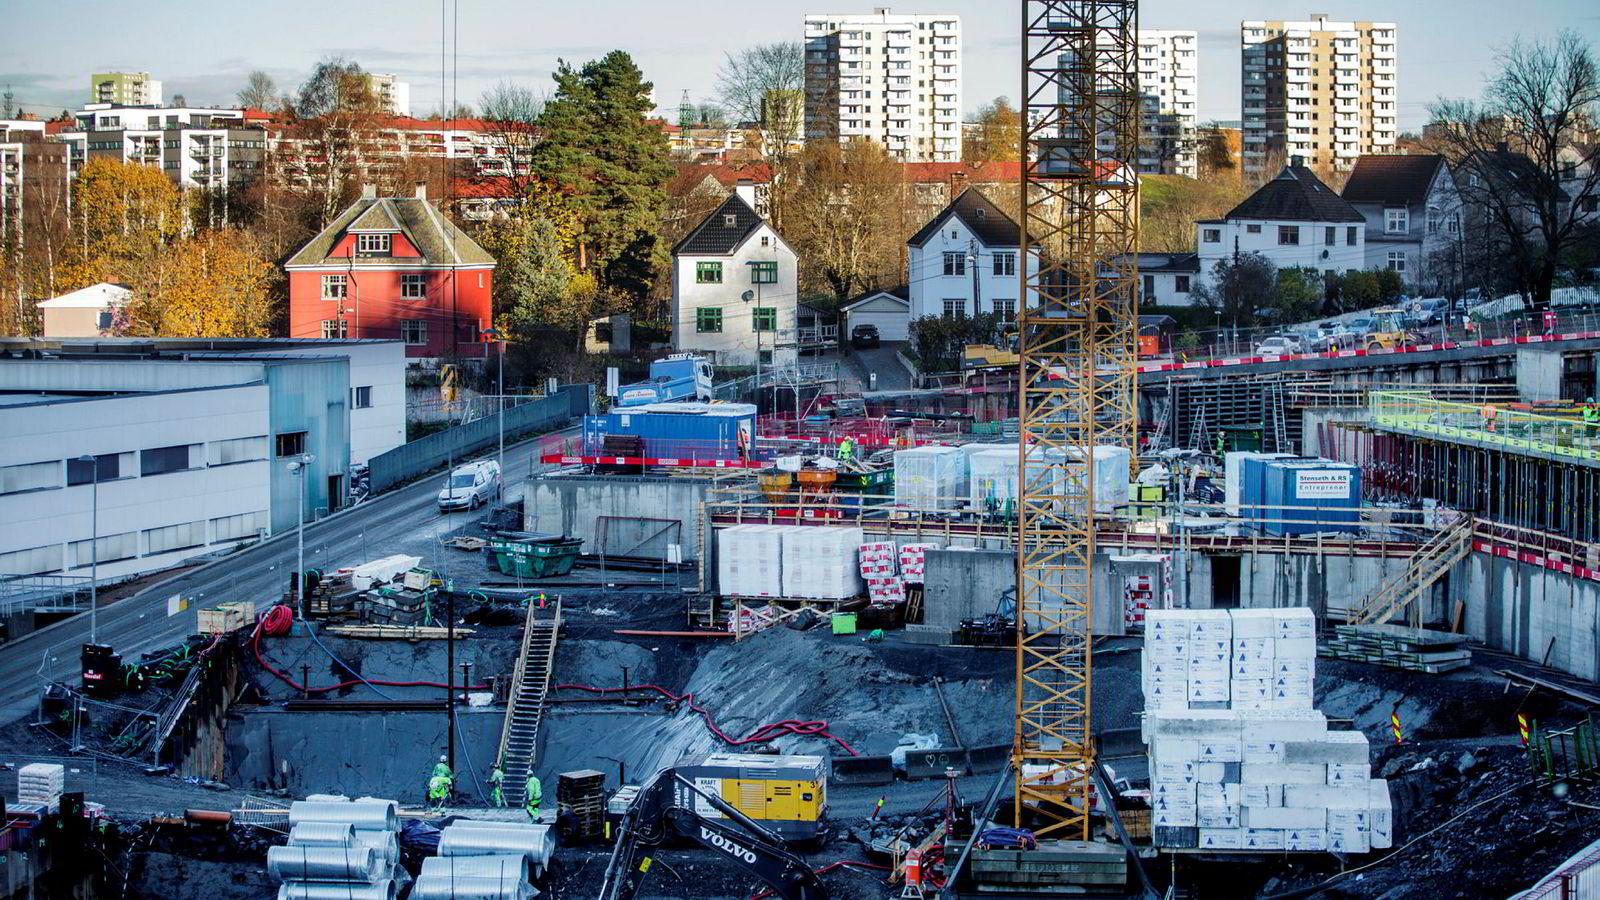 Obos bygger nye leiligheter i Kværnerbyen i Oslo, men boliginvesteringene ligger an til å falle i år.